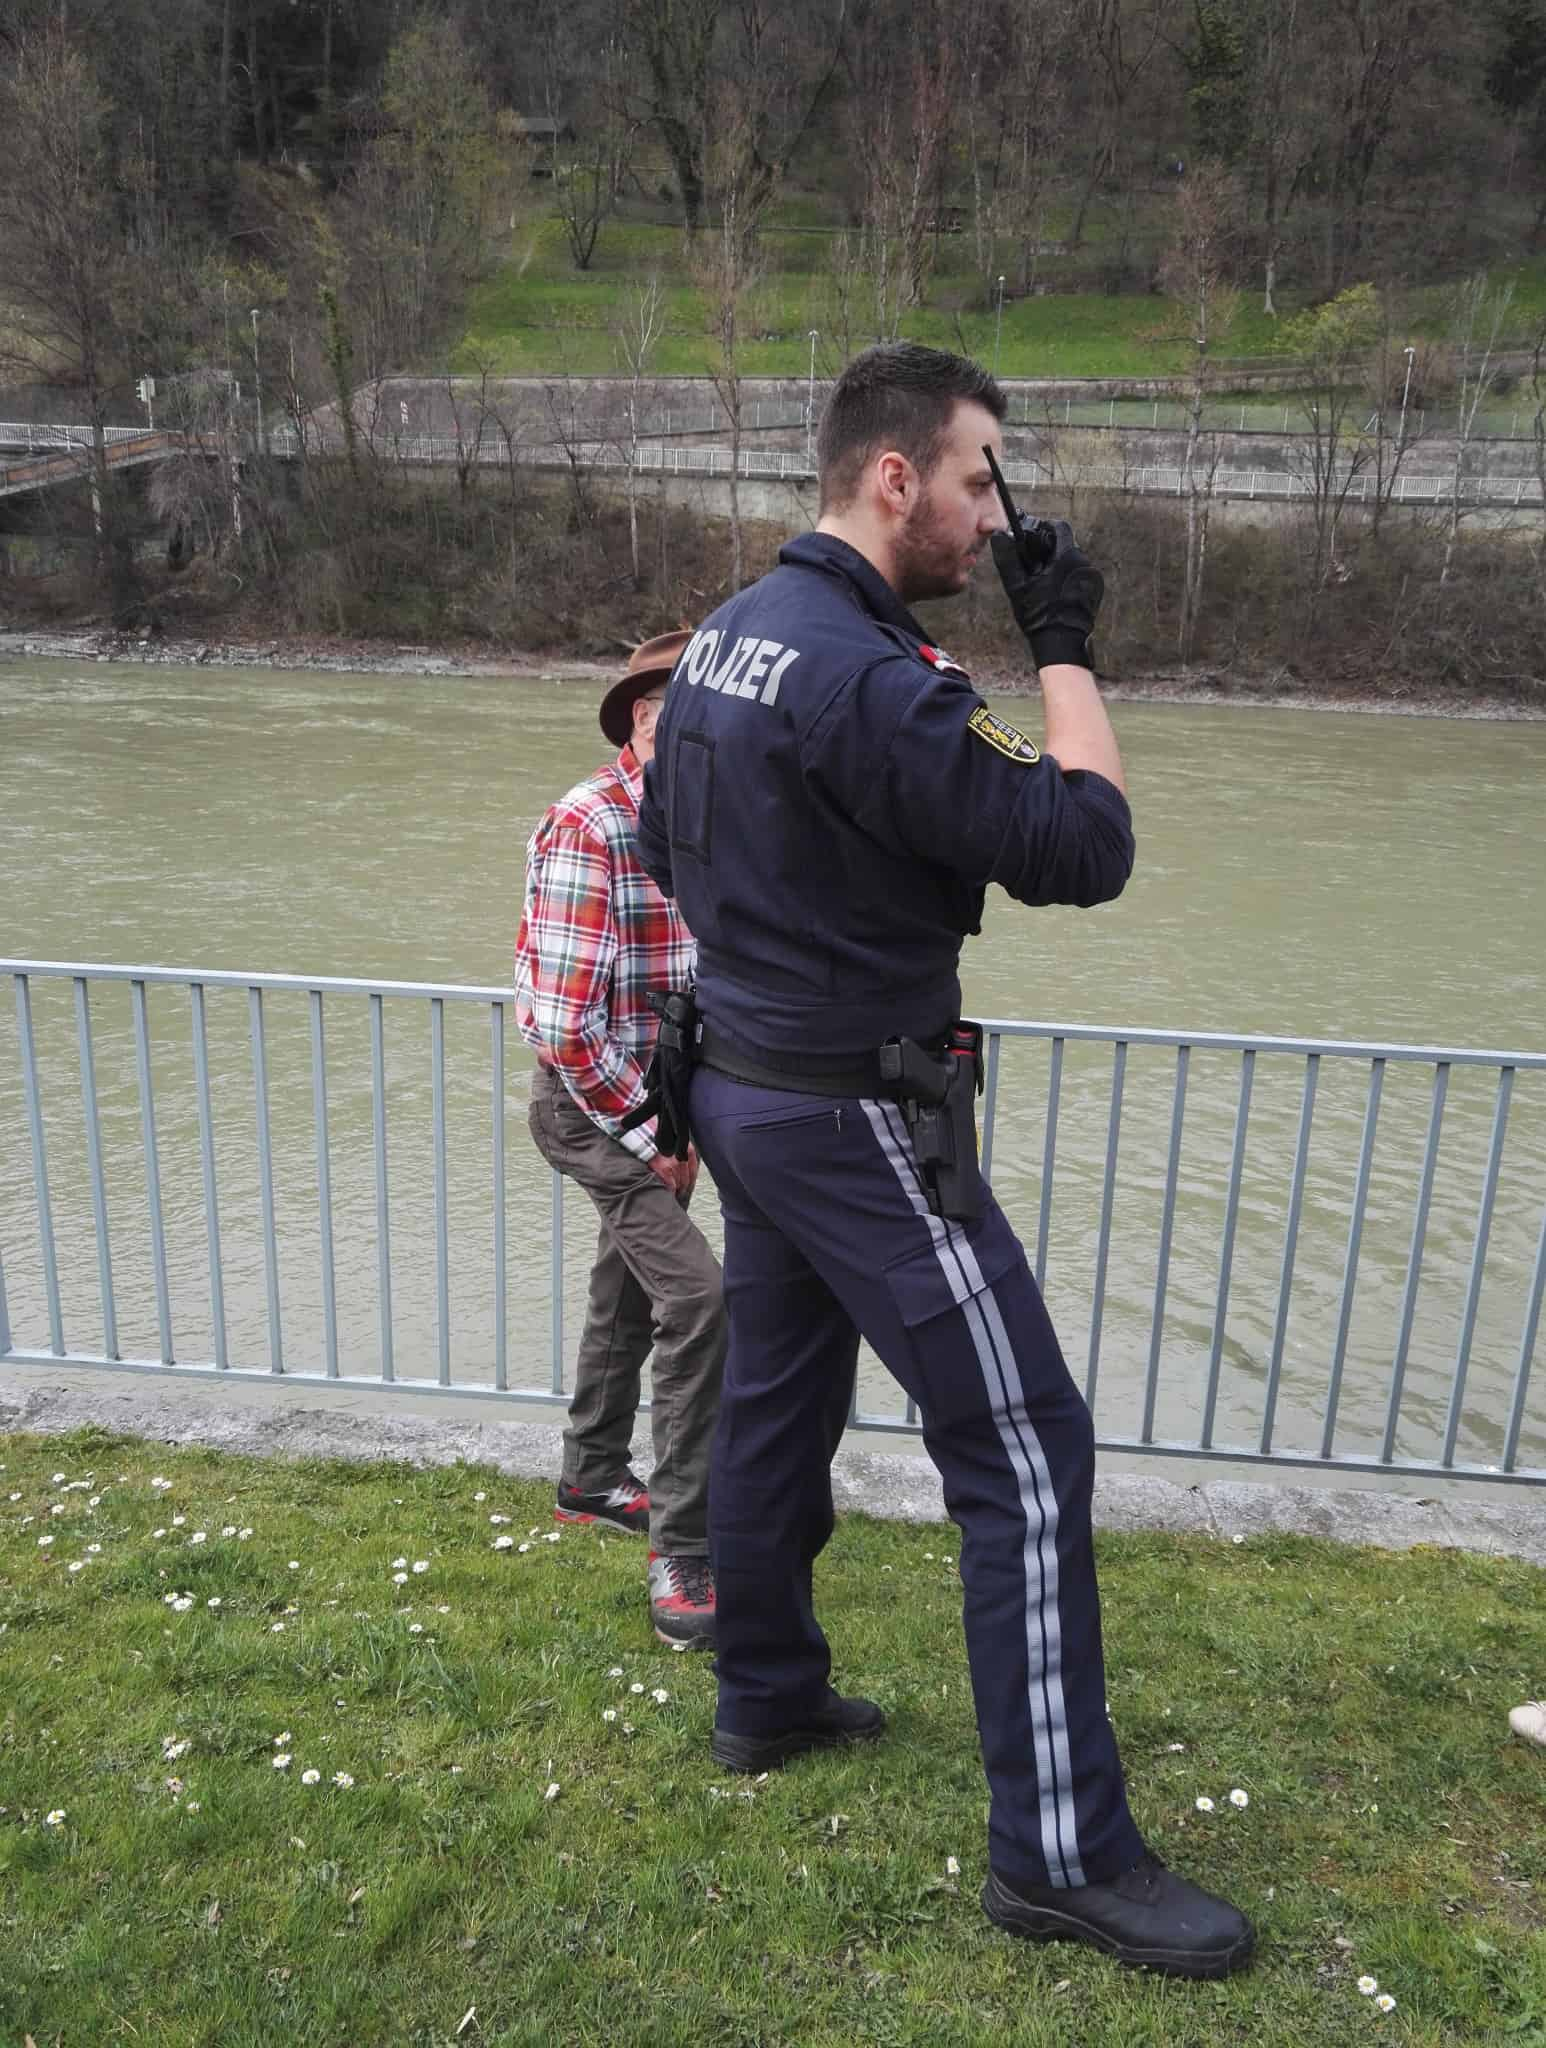 polzeieinsatz 2 - Polizeieinsatz vor laufender Kamera